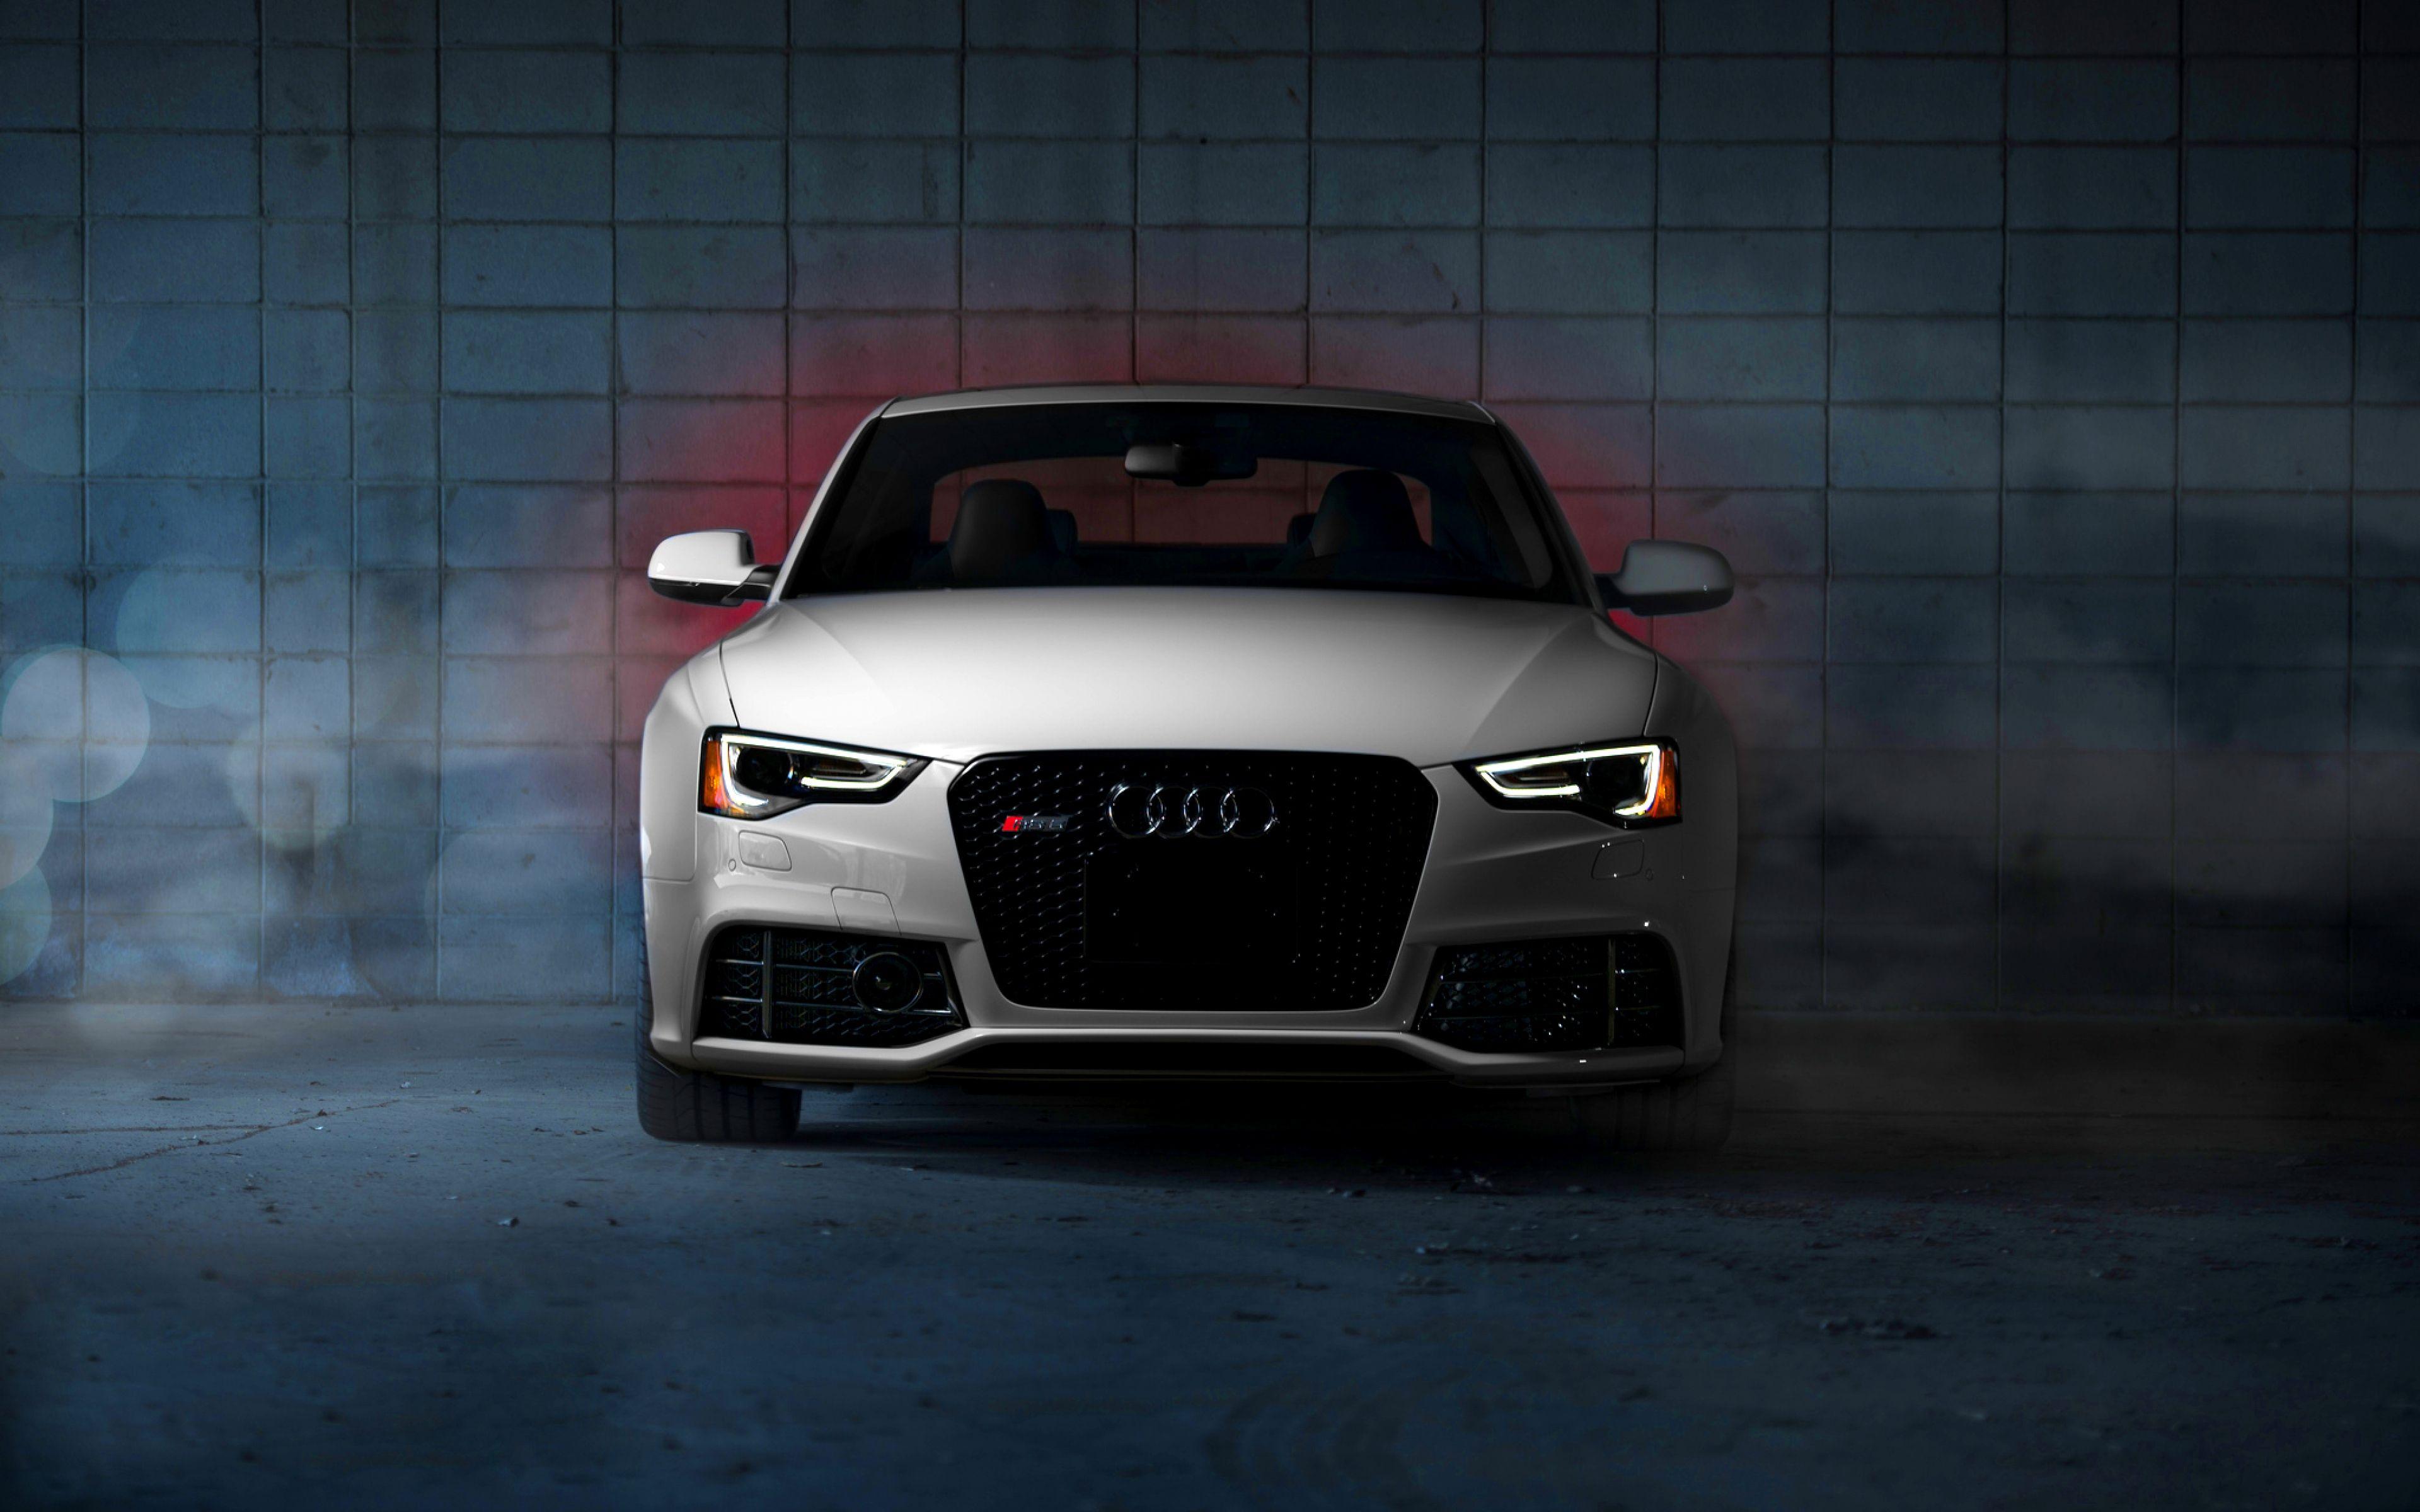 Audi Hdq Pics Mazin Billingsley